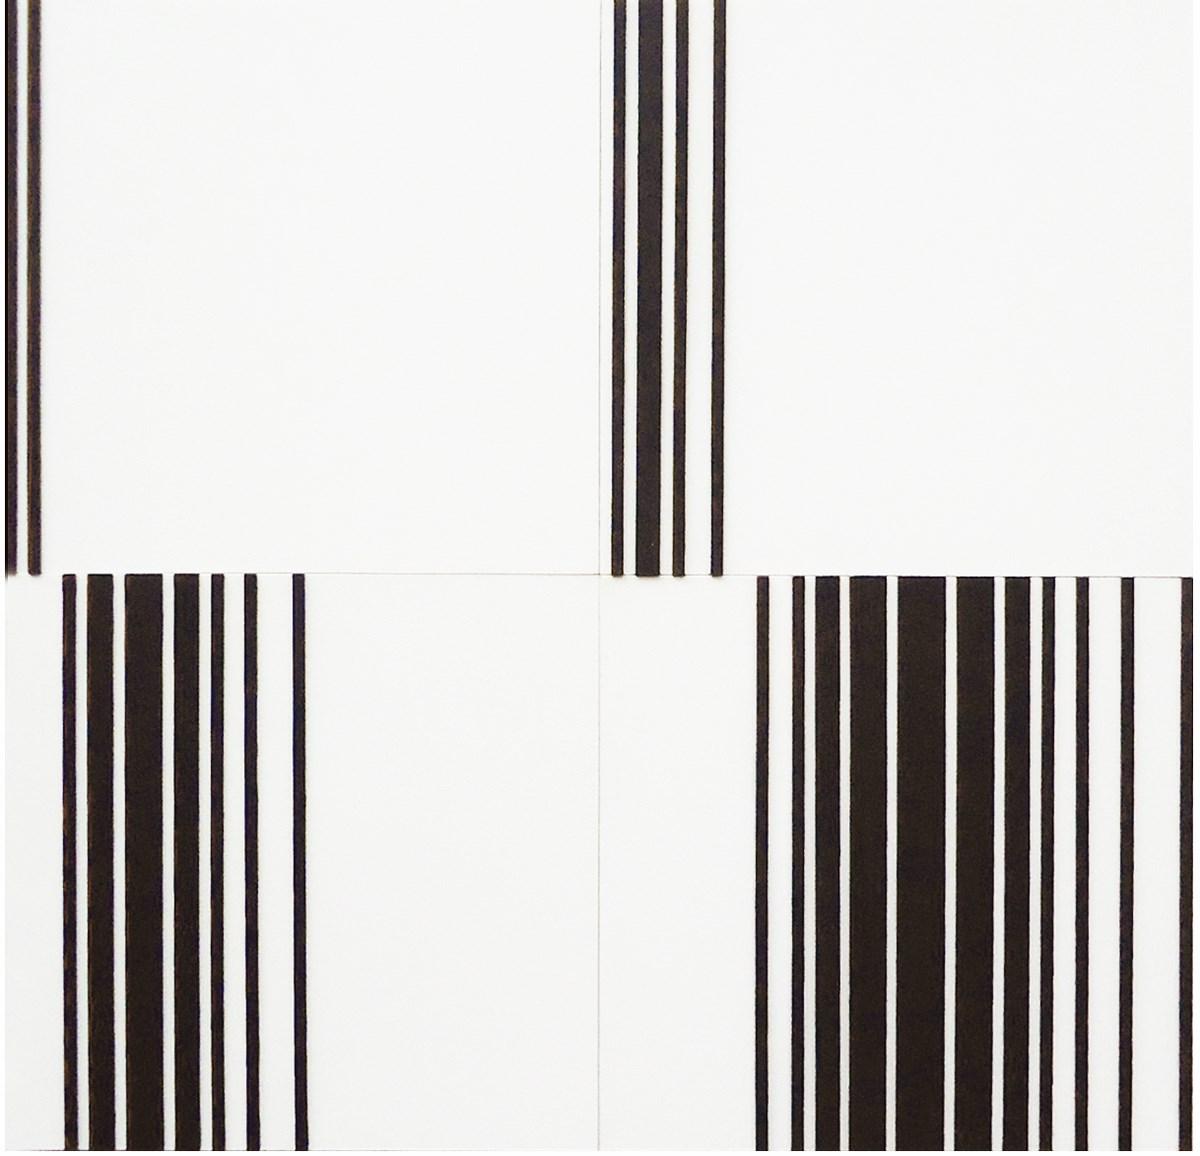 """Jerzy Grochocki, """"1,2,3,4"""", płótno na sklejce, drewno, akryl, 64x64 cm (źródło: materiały prasowe organizatora)"""